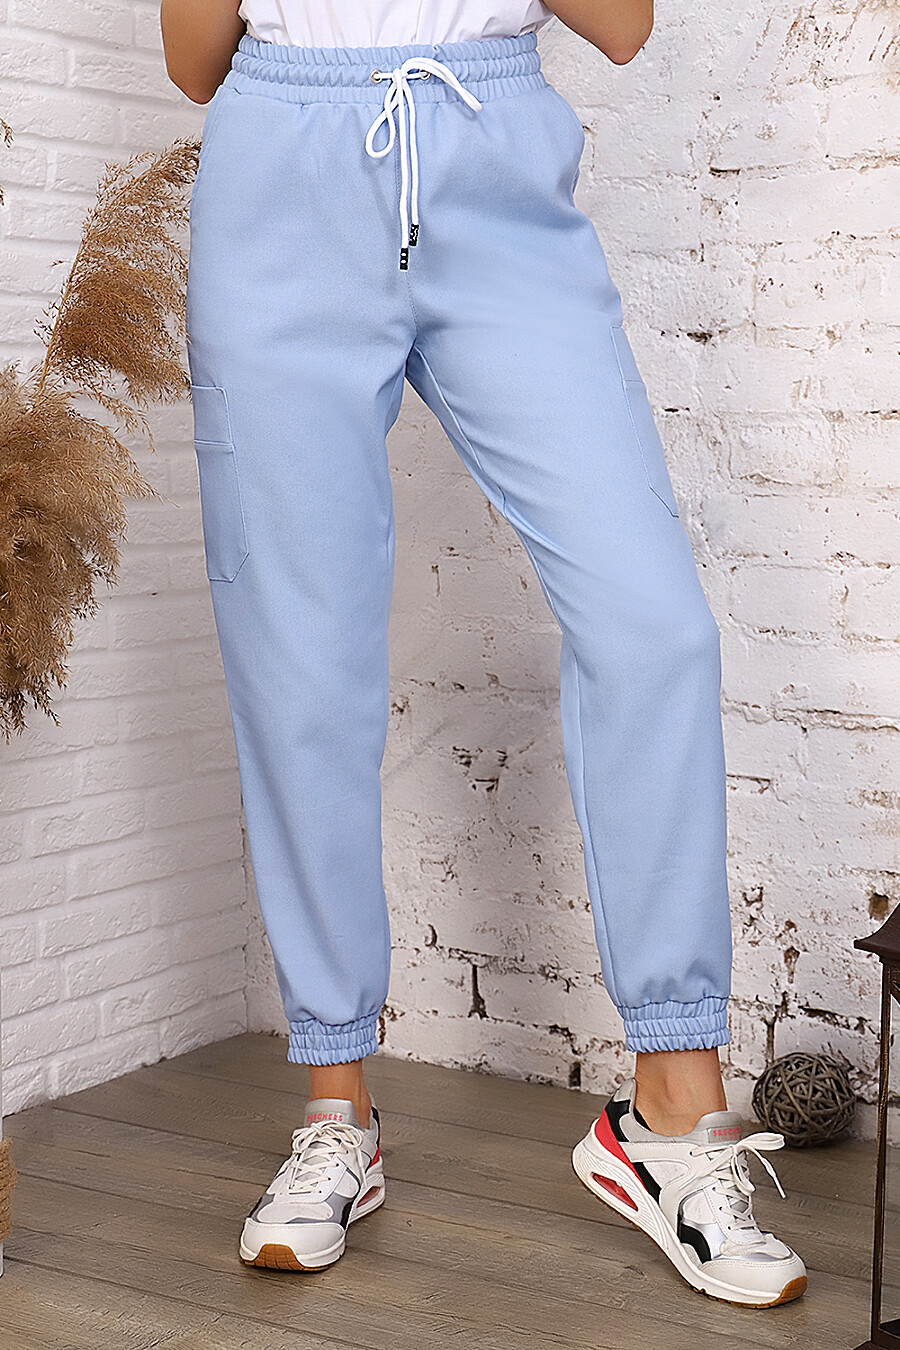 Брюки 2654 для женщин НАТАЛИ 649282 купить оптом от производителя. Совместная покупка женской одежды в OptMoyo